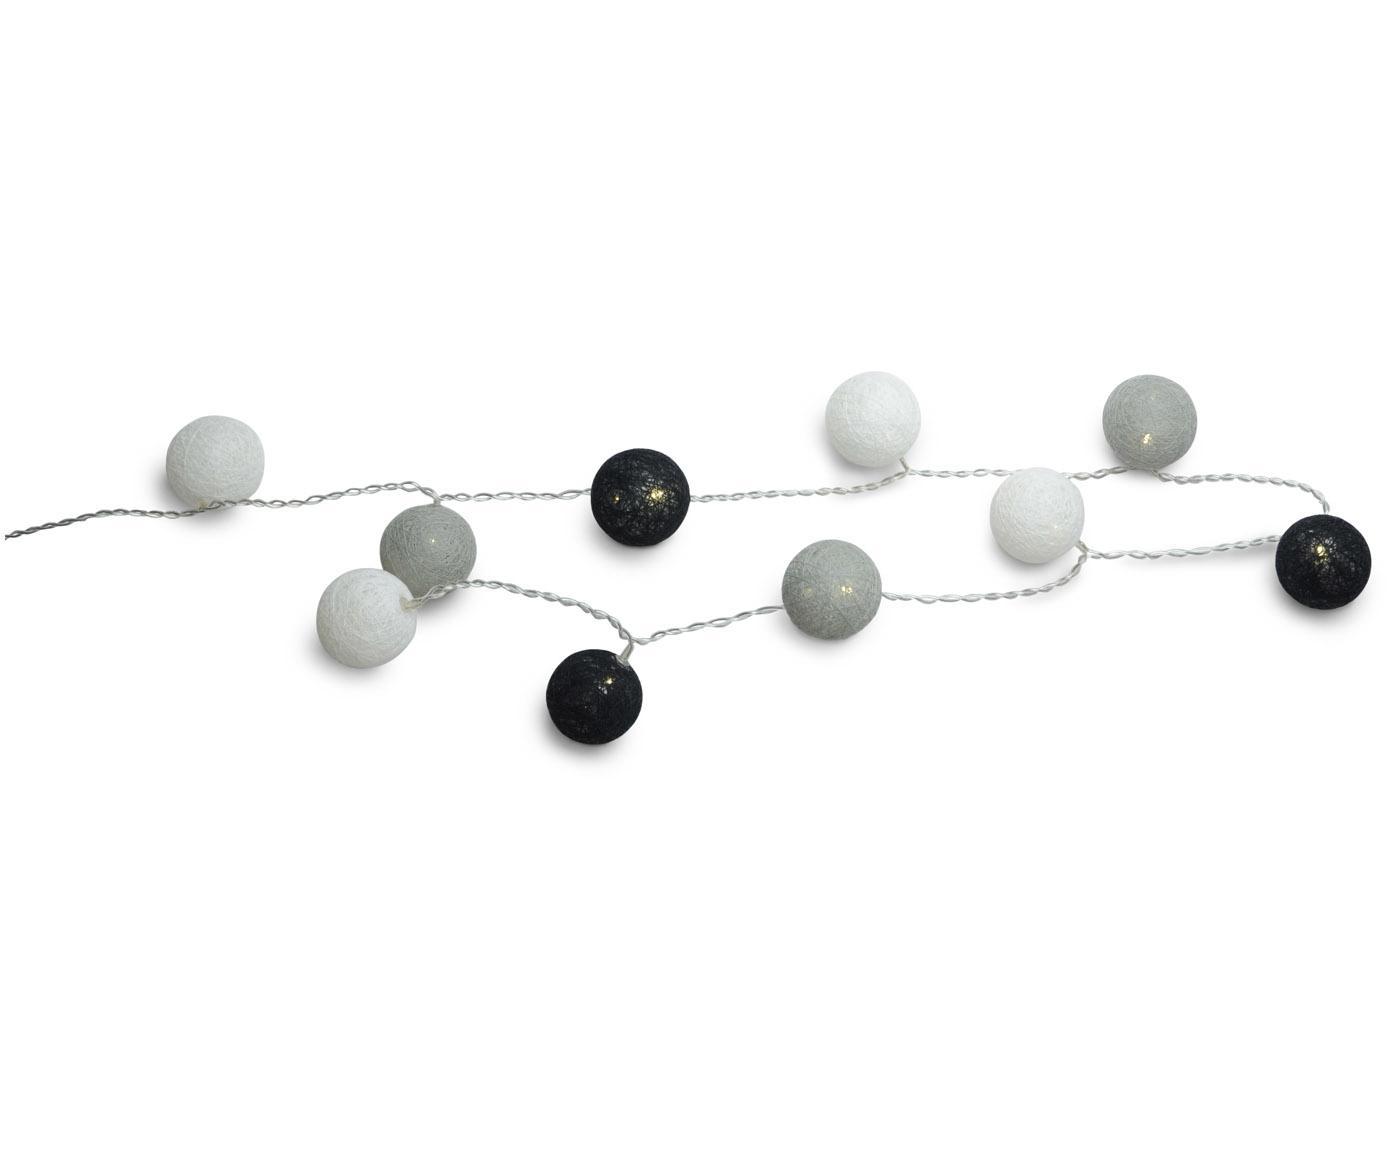 Lichtslinger Ball, Kunststof, textiel, Grijs, zwart, wit, 150 cm